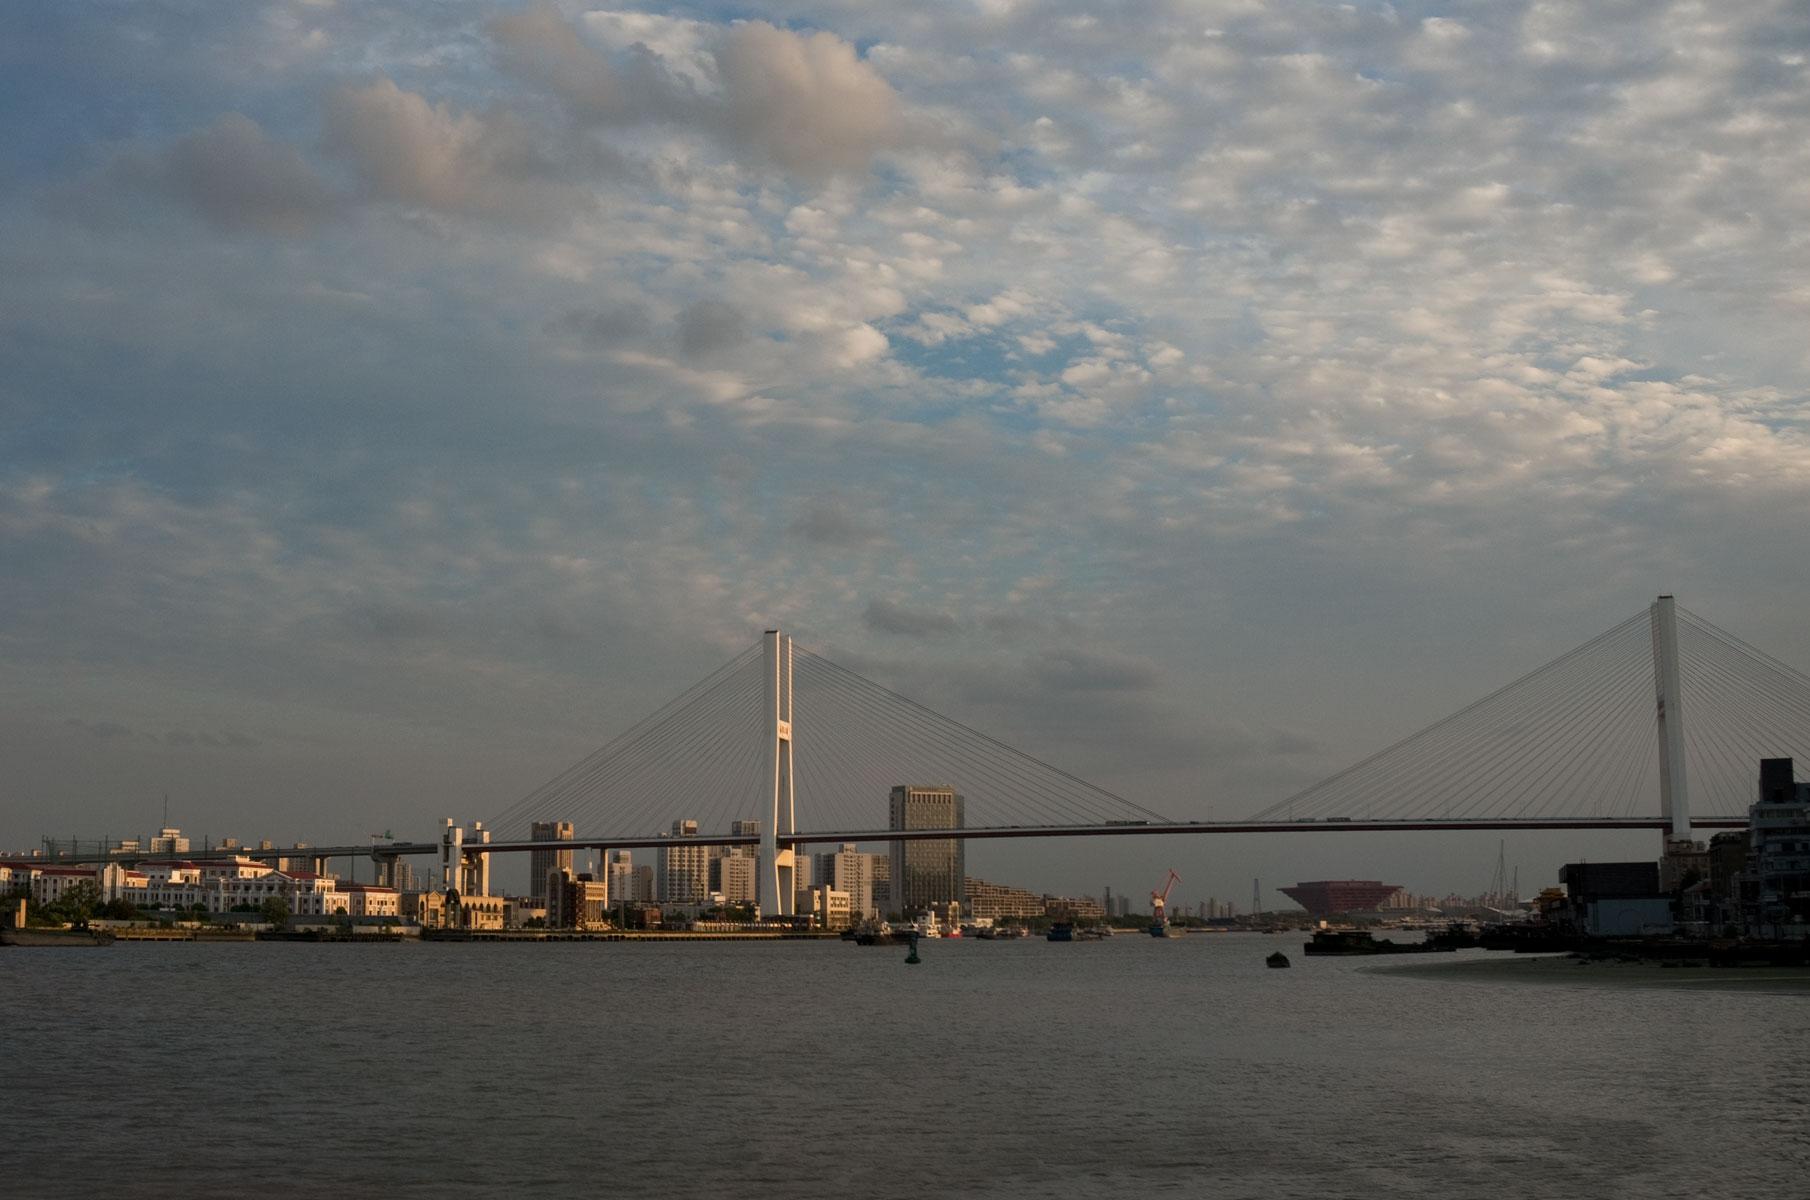 Blick auf die Nanpu Brücke vom Wasser in Shanghai, China